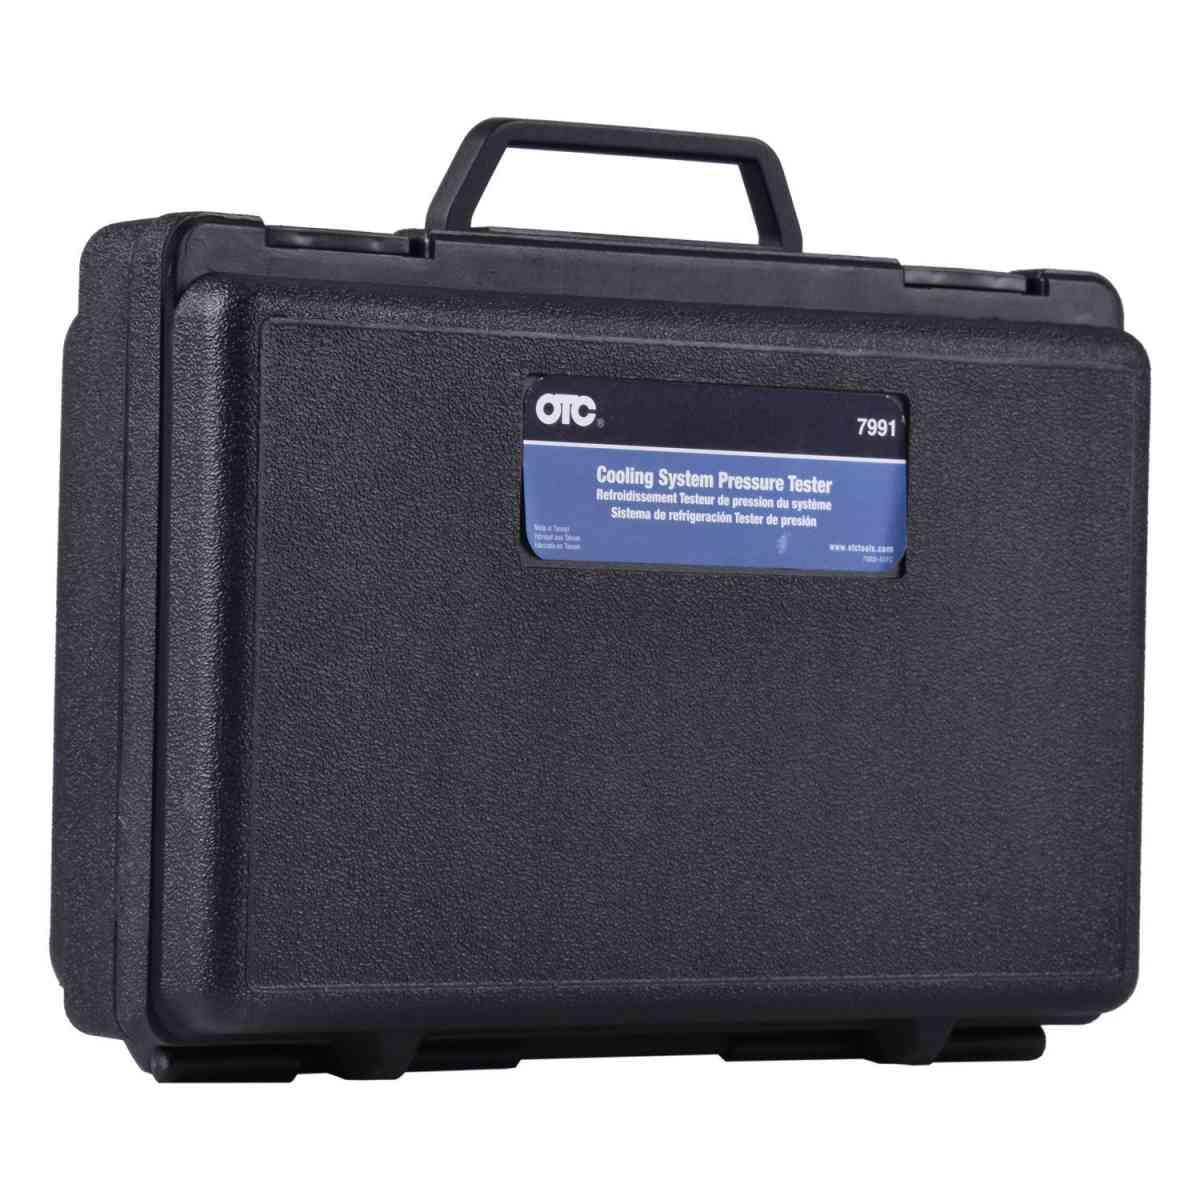 Teste Pressão Sistema Refrigeração Carro/Moto 7991 OTC Bosch